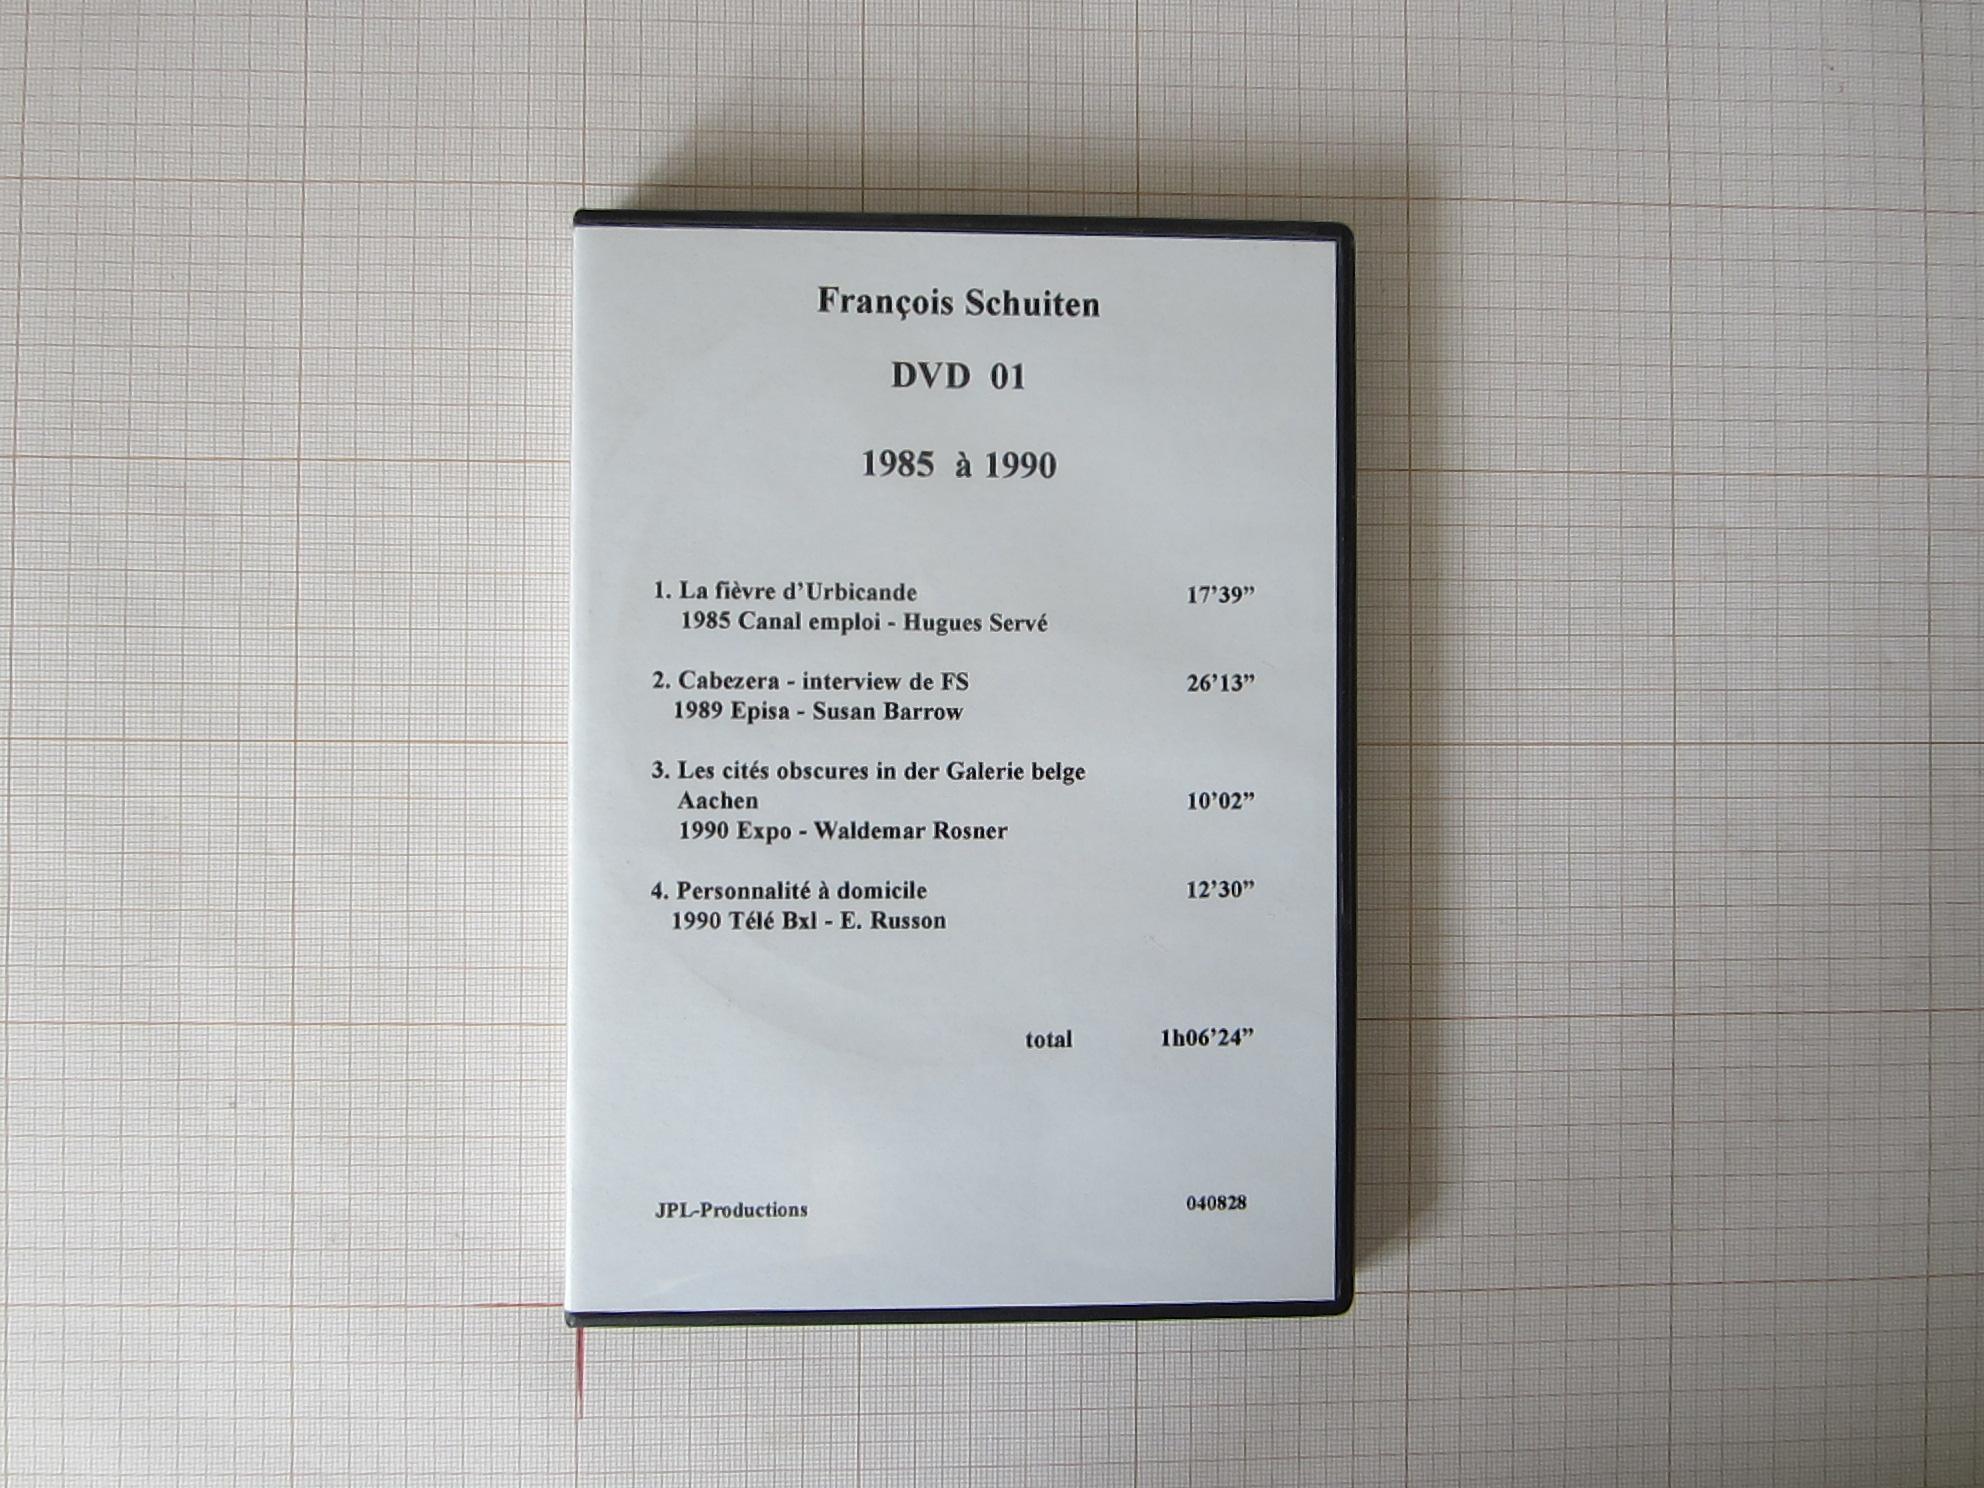 François Schuiten DVD 01+18 1985 à 1993 - JPL-Productions© Autrique Huis, 1993